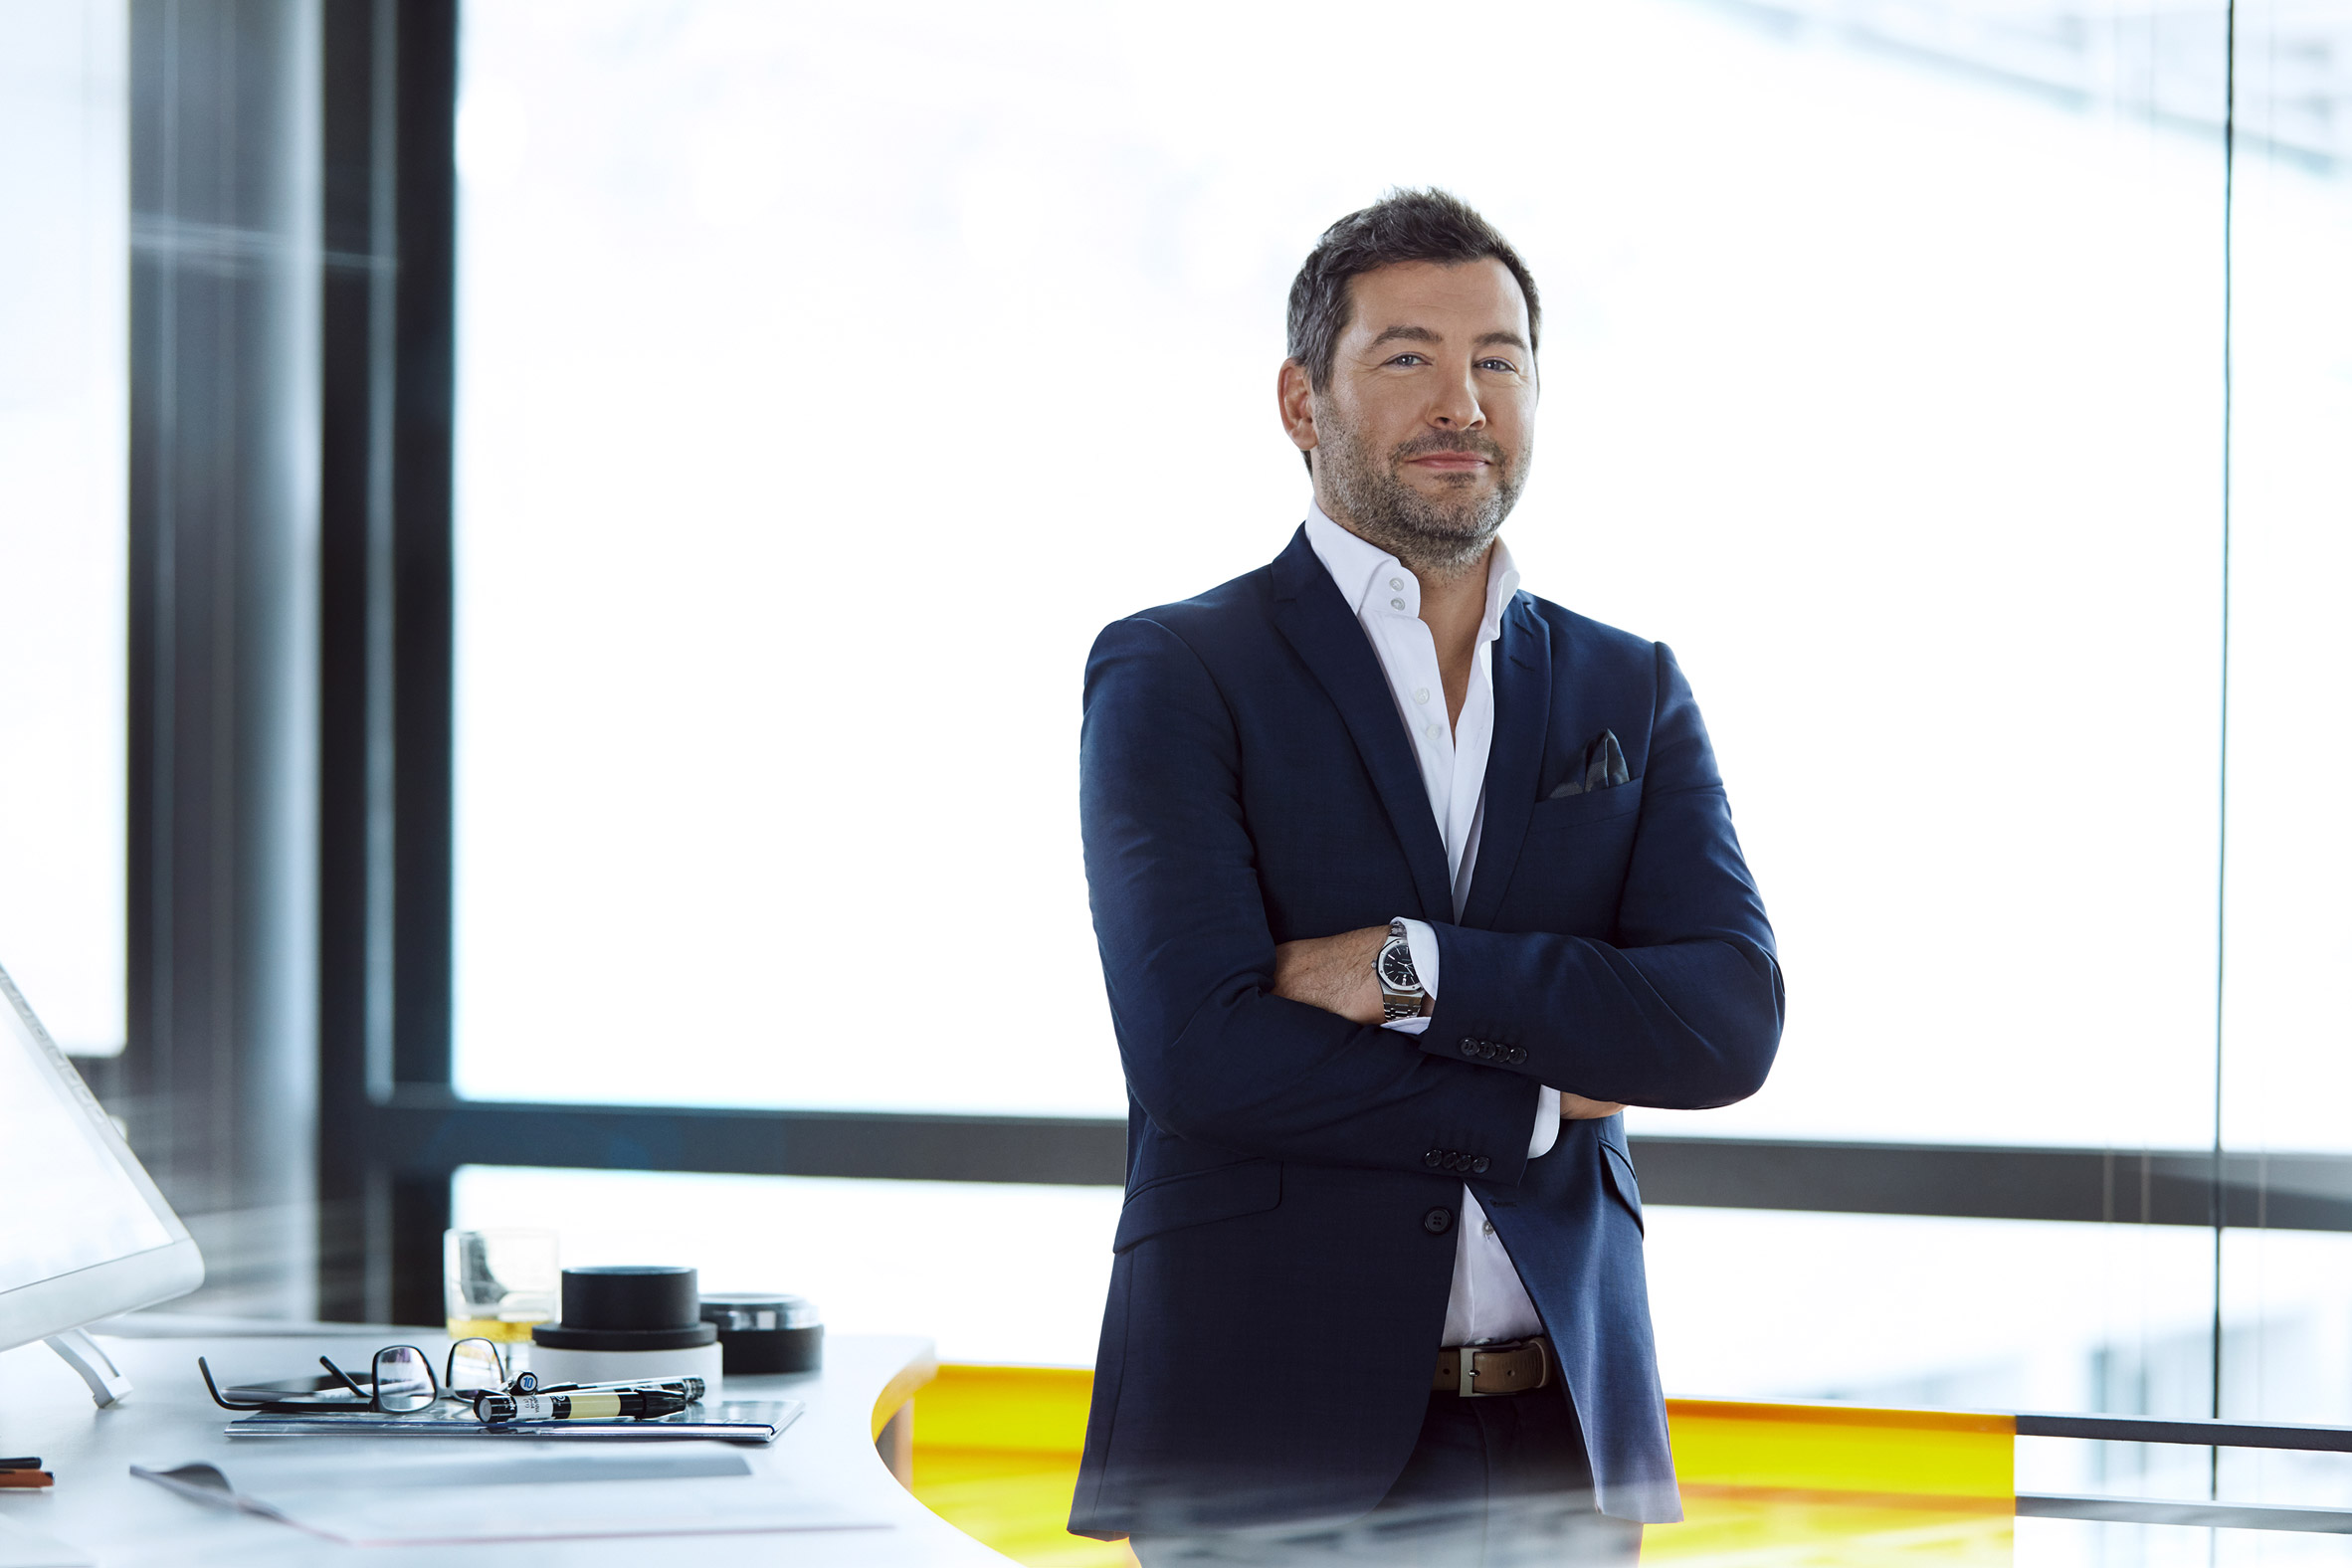 Domagoj Dukec, Head of BMW Design